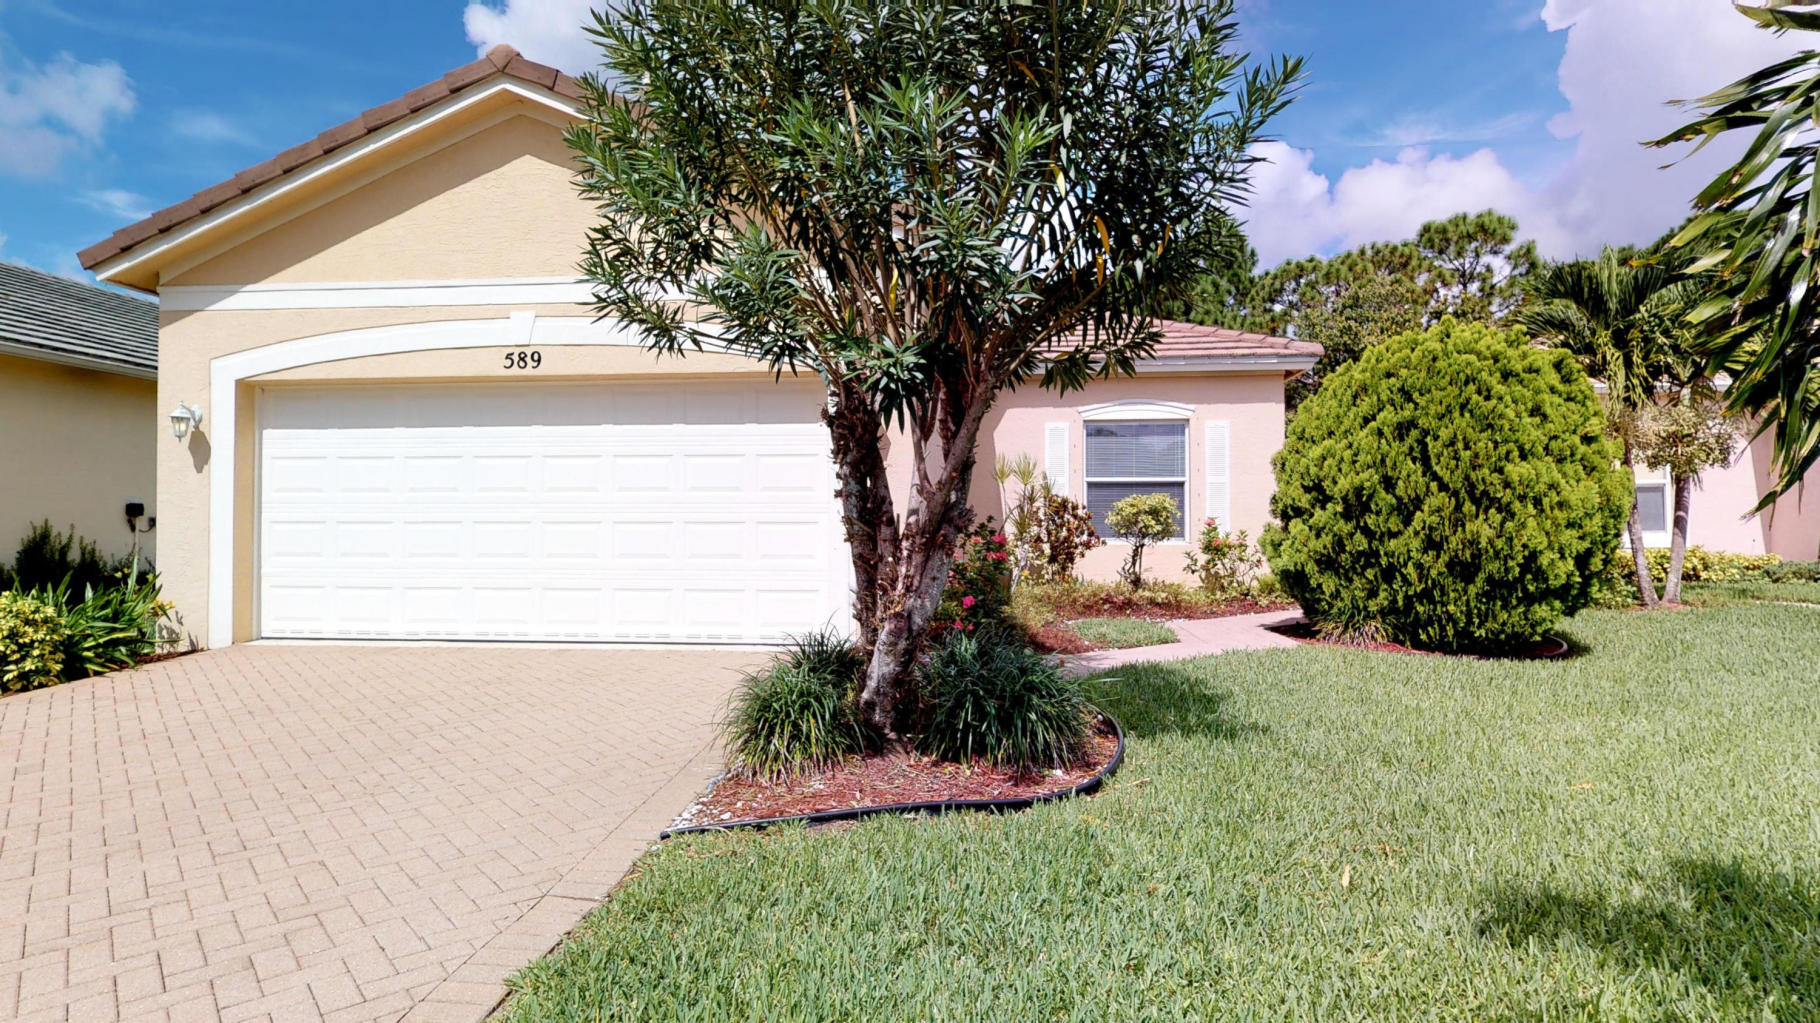 589 Sw Indian Key Drive, Port Saint Lucie, FL 34986